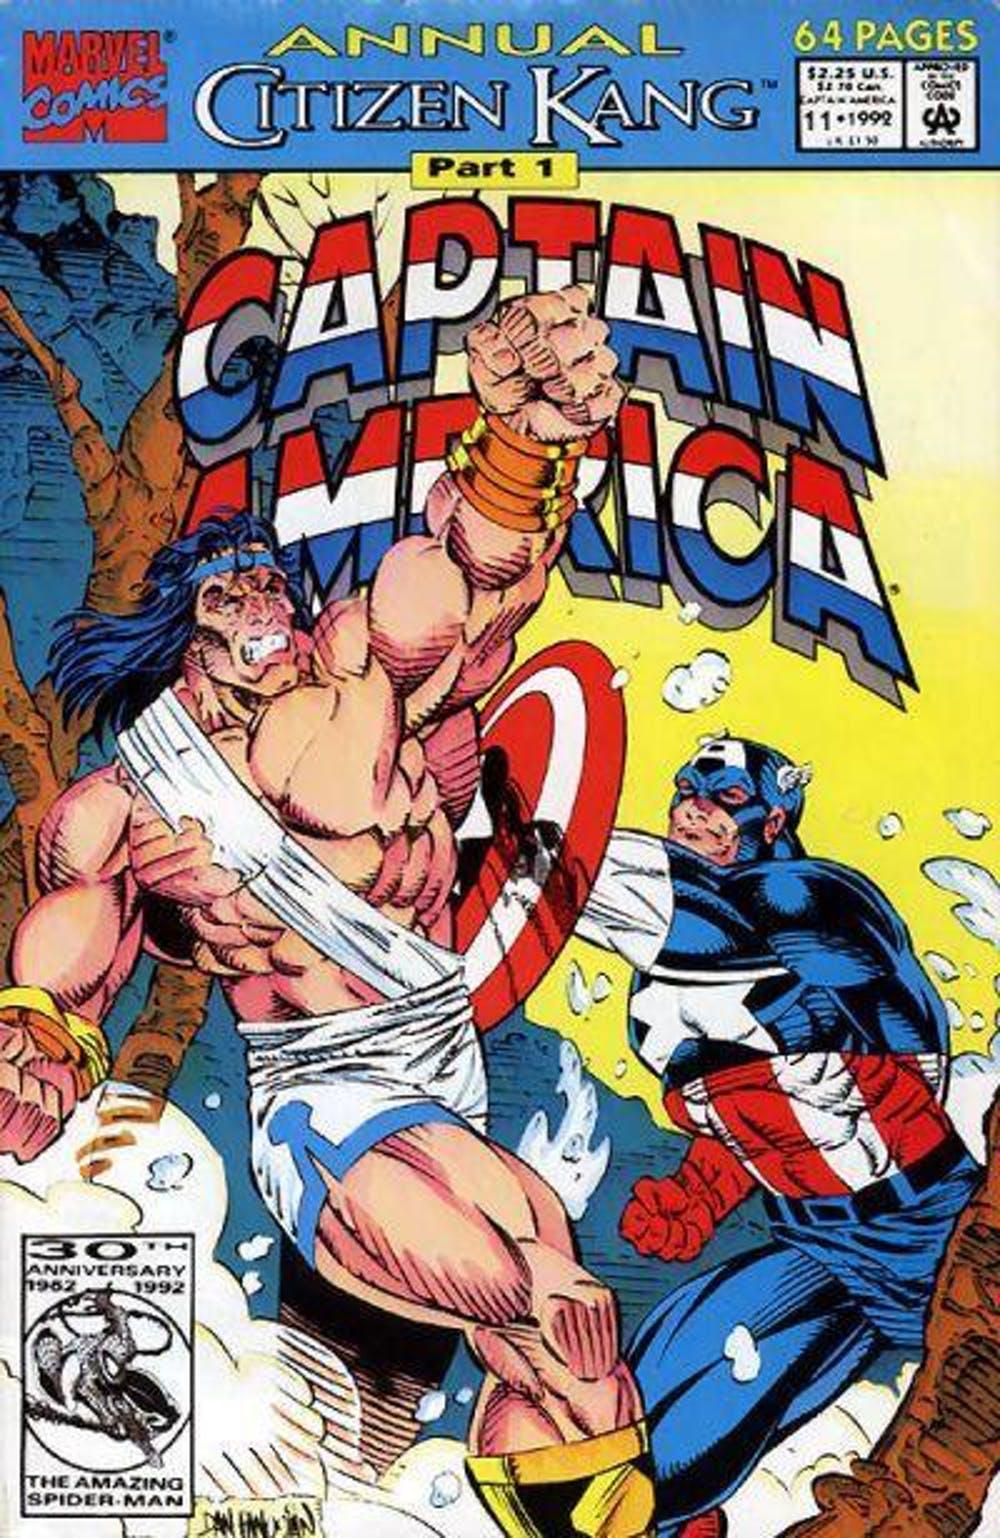 در شماره 11 «کامیک سالانهی کاپیتان آمریکا»، کاپیتان آمریکا به فضای باستانی اوروک منتقل شده است.